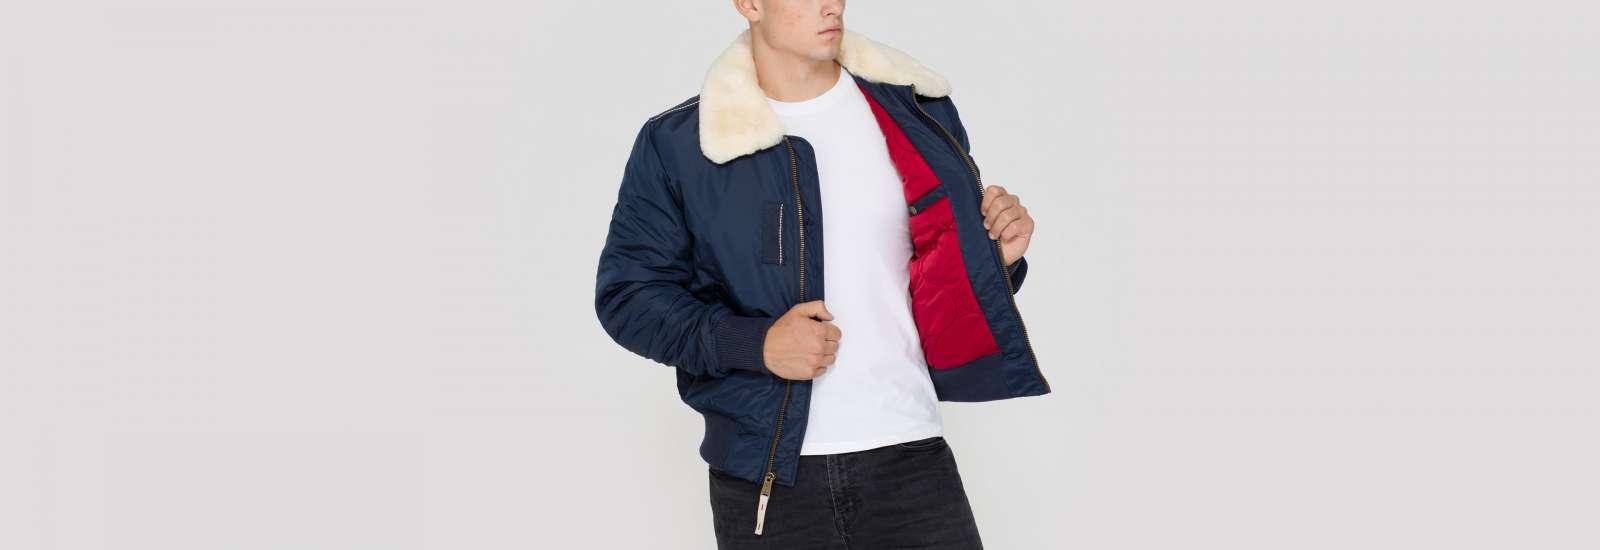 143104-07-alpha-industries-injector-III-flight-jacket-005_800x800@2x